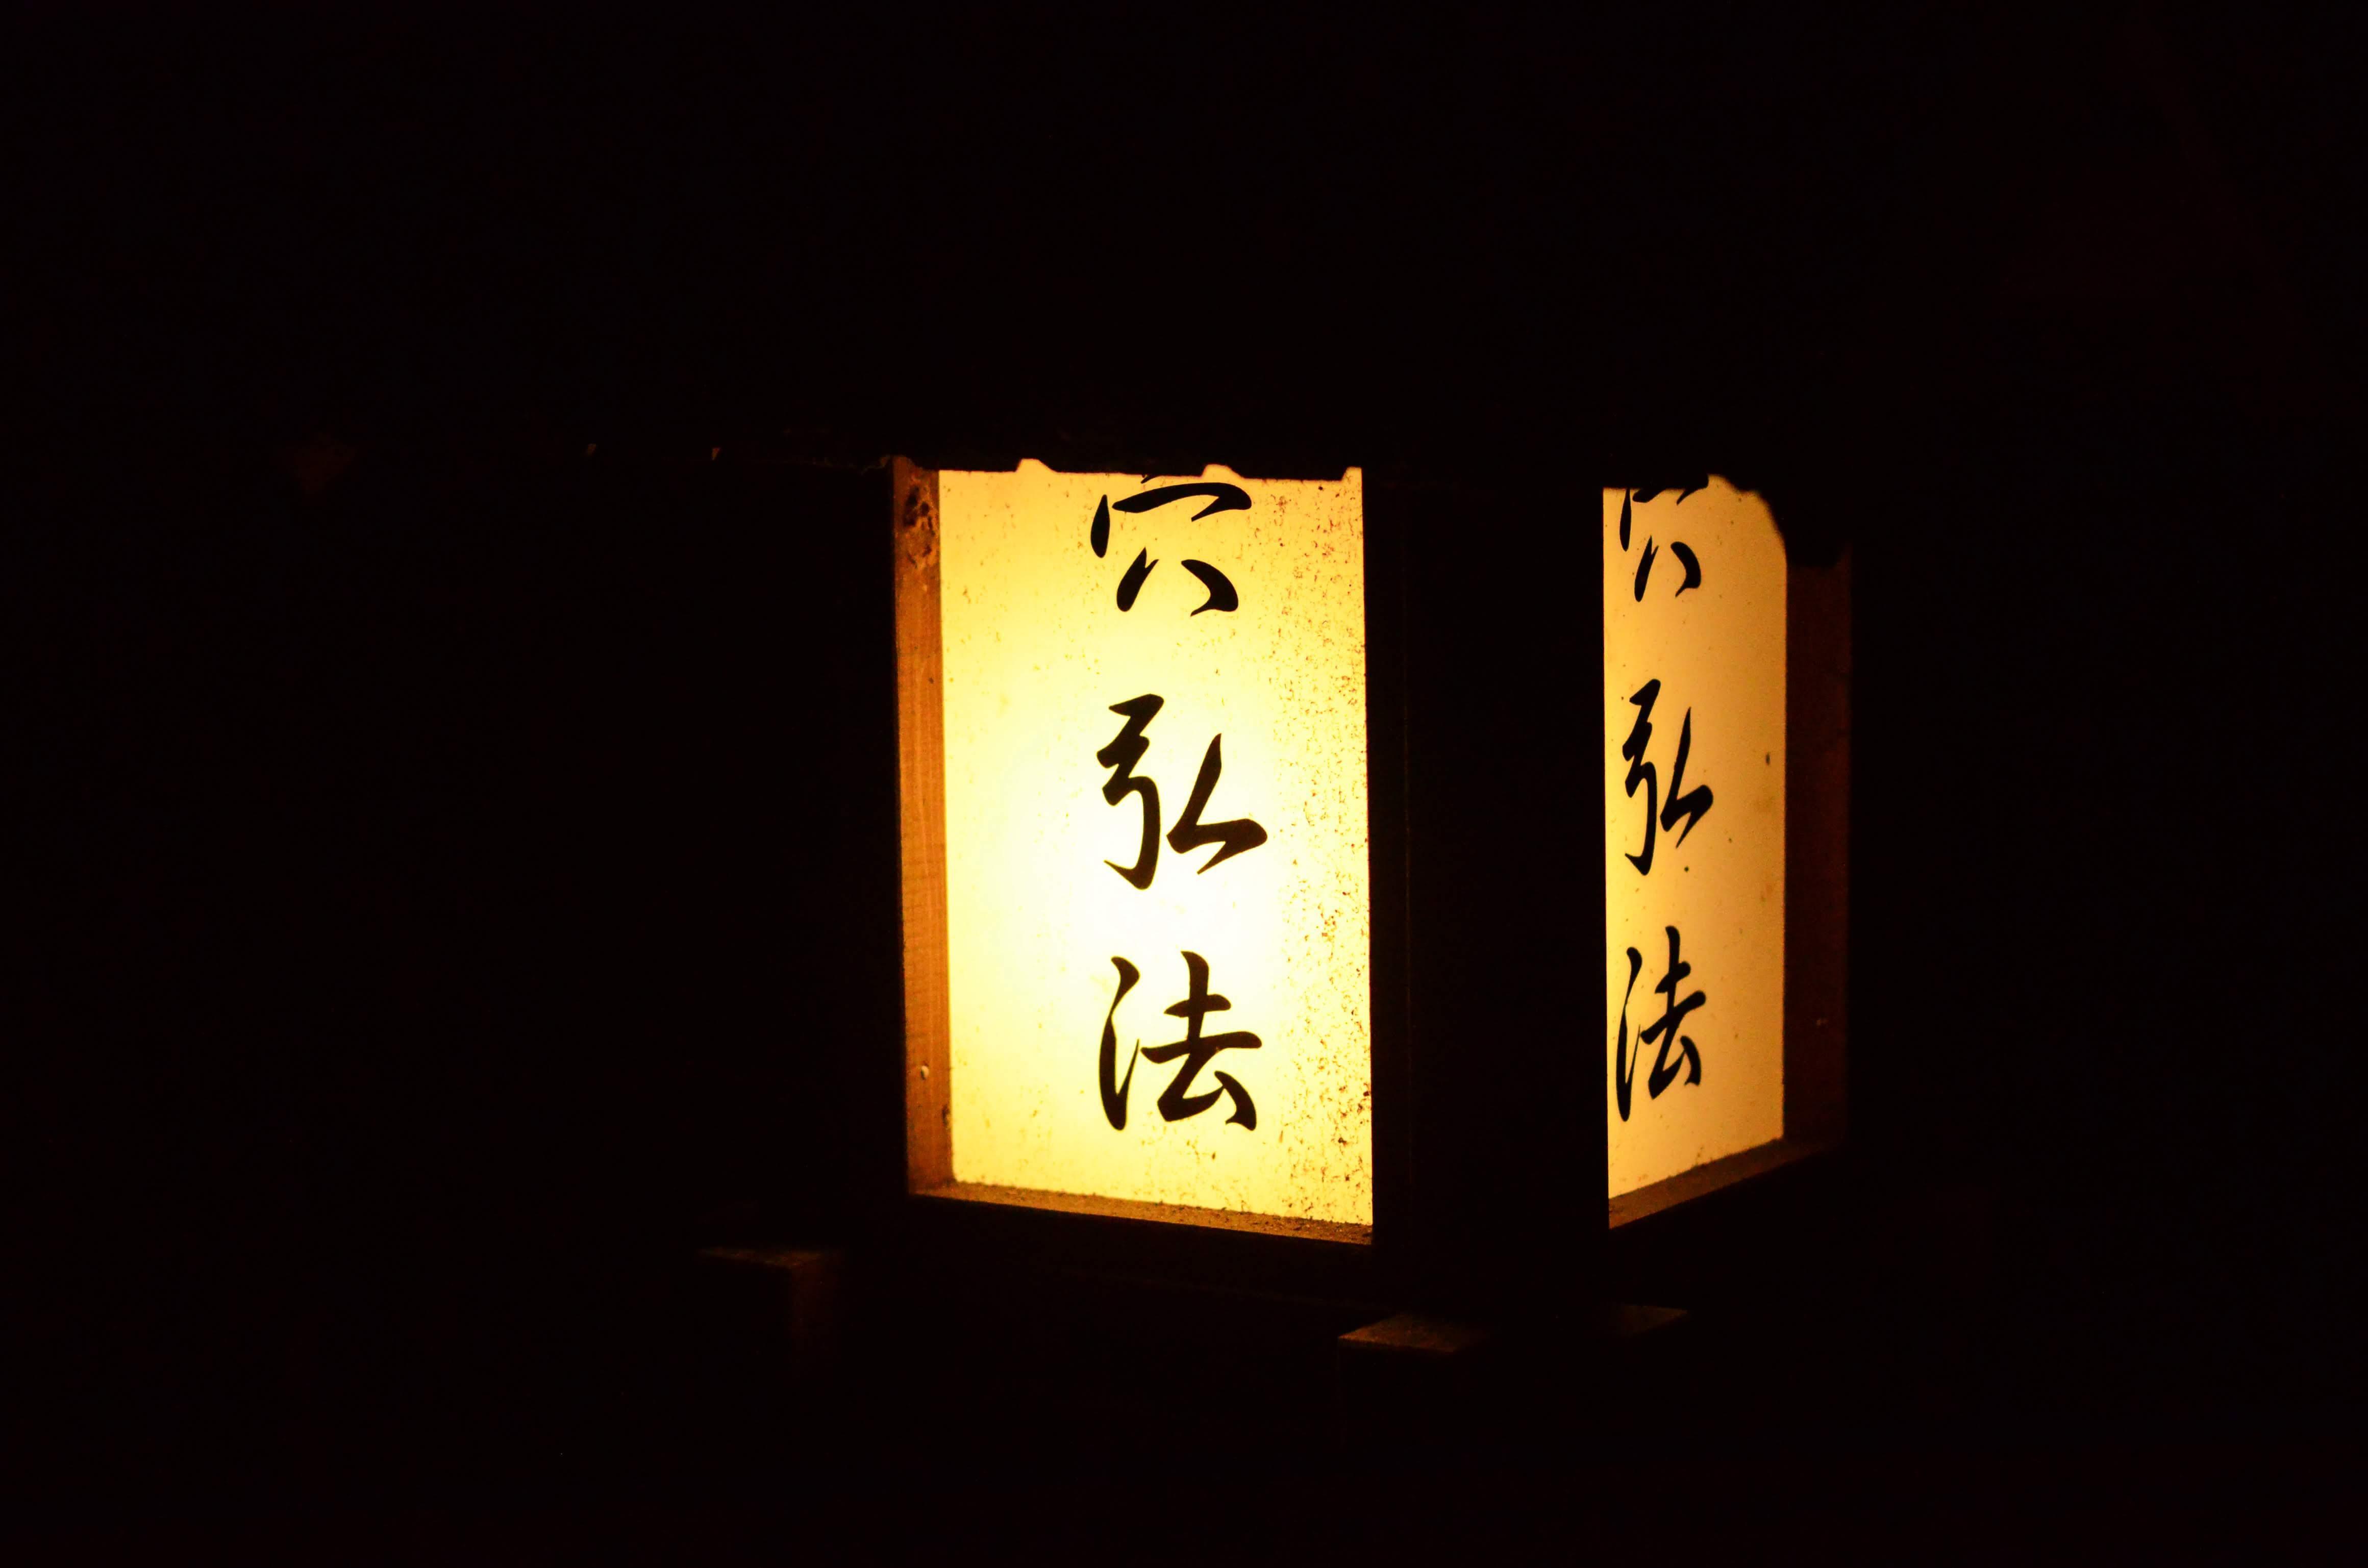 「もみじ」「竹あかり」「石仏」ライトアップ_もみじの名所/穴弘法【土岐市】